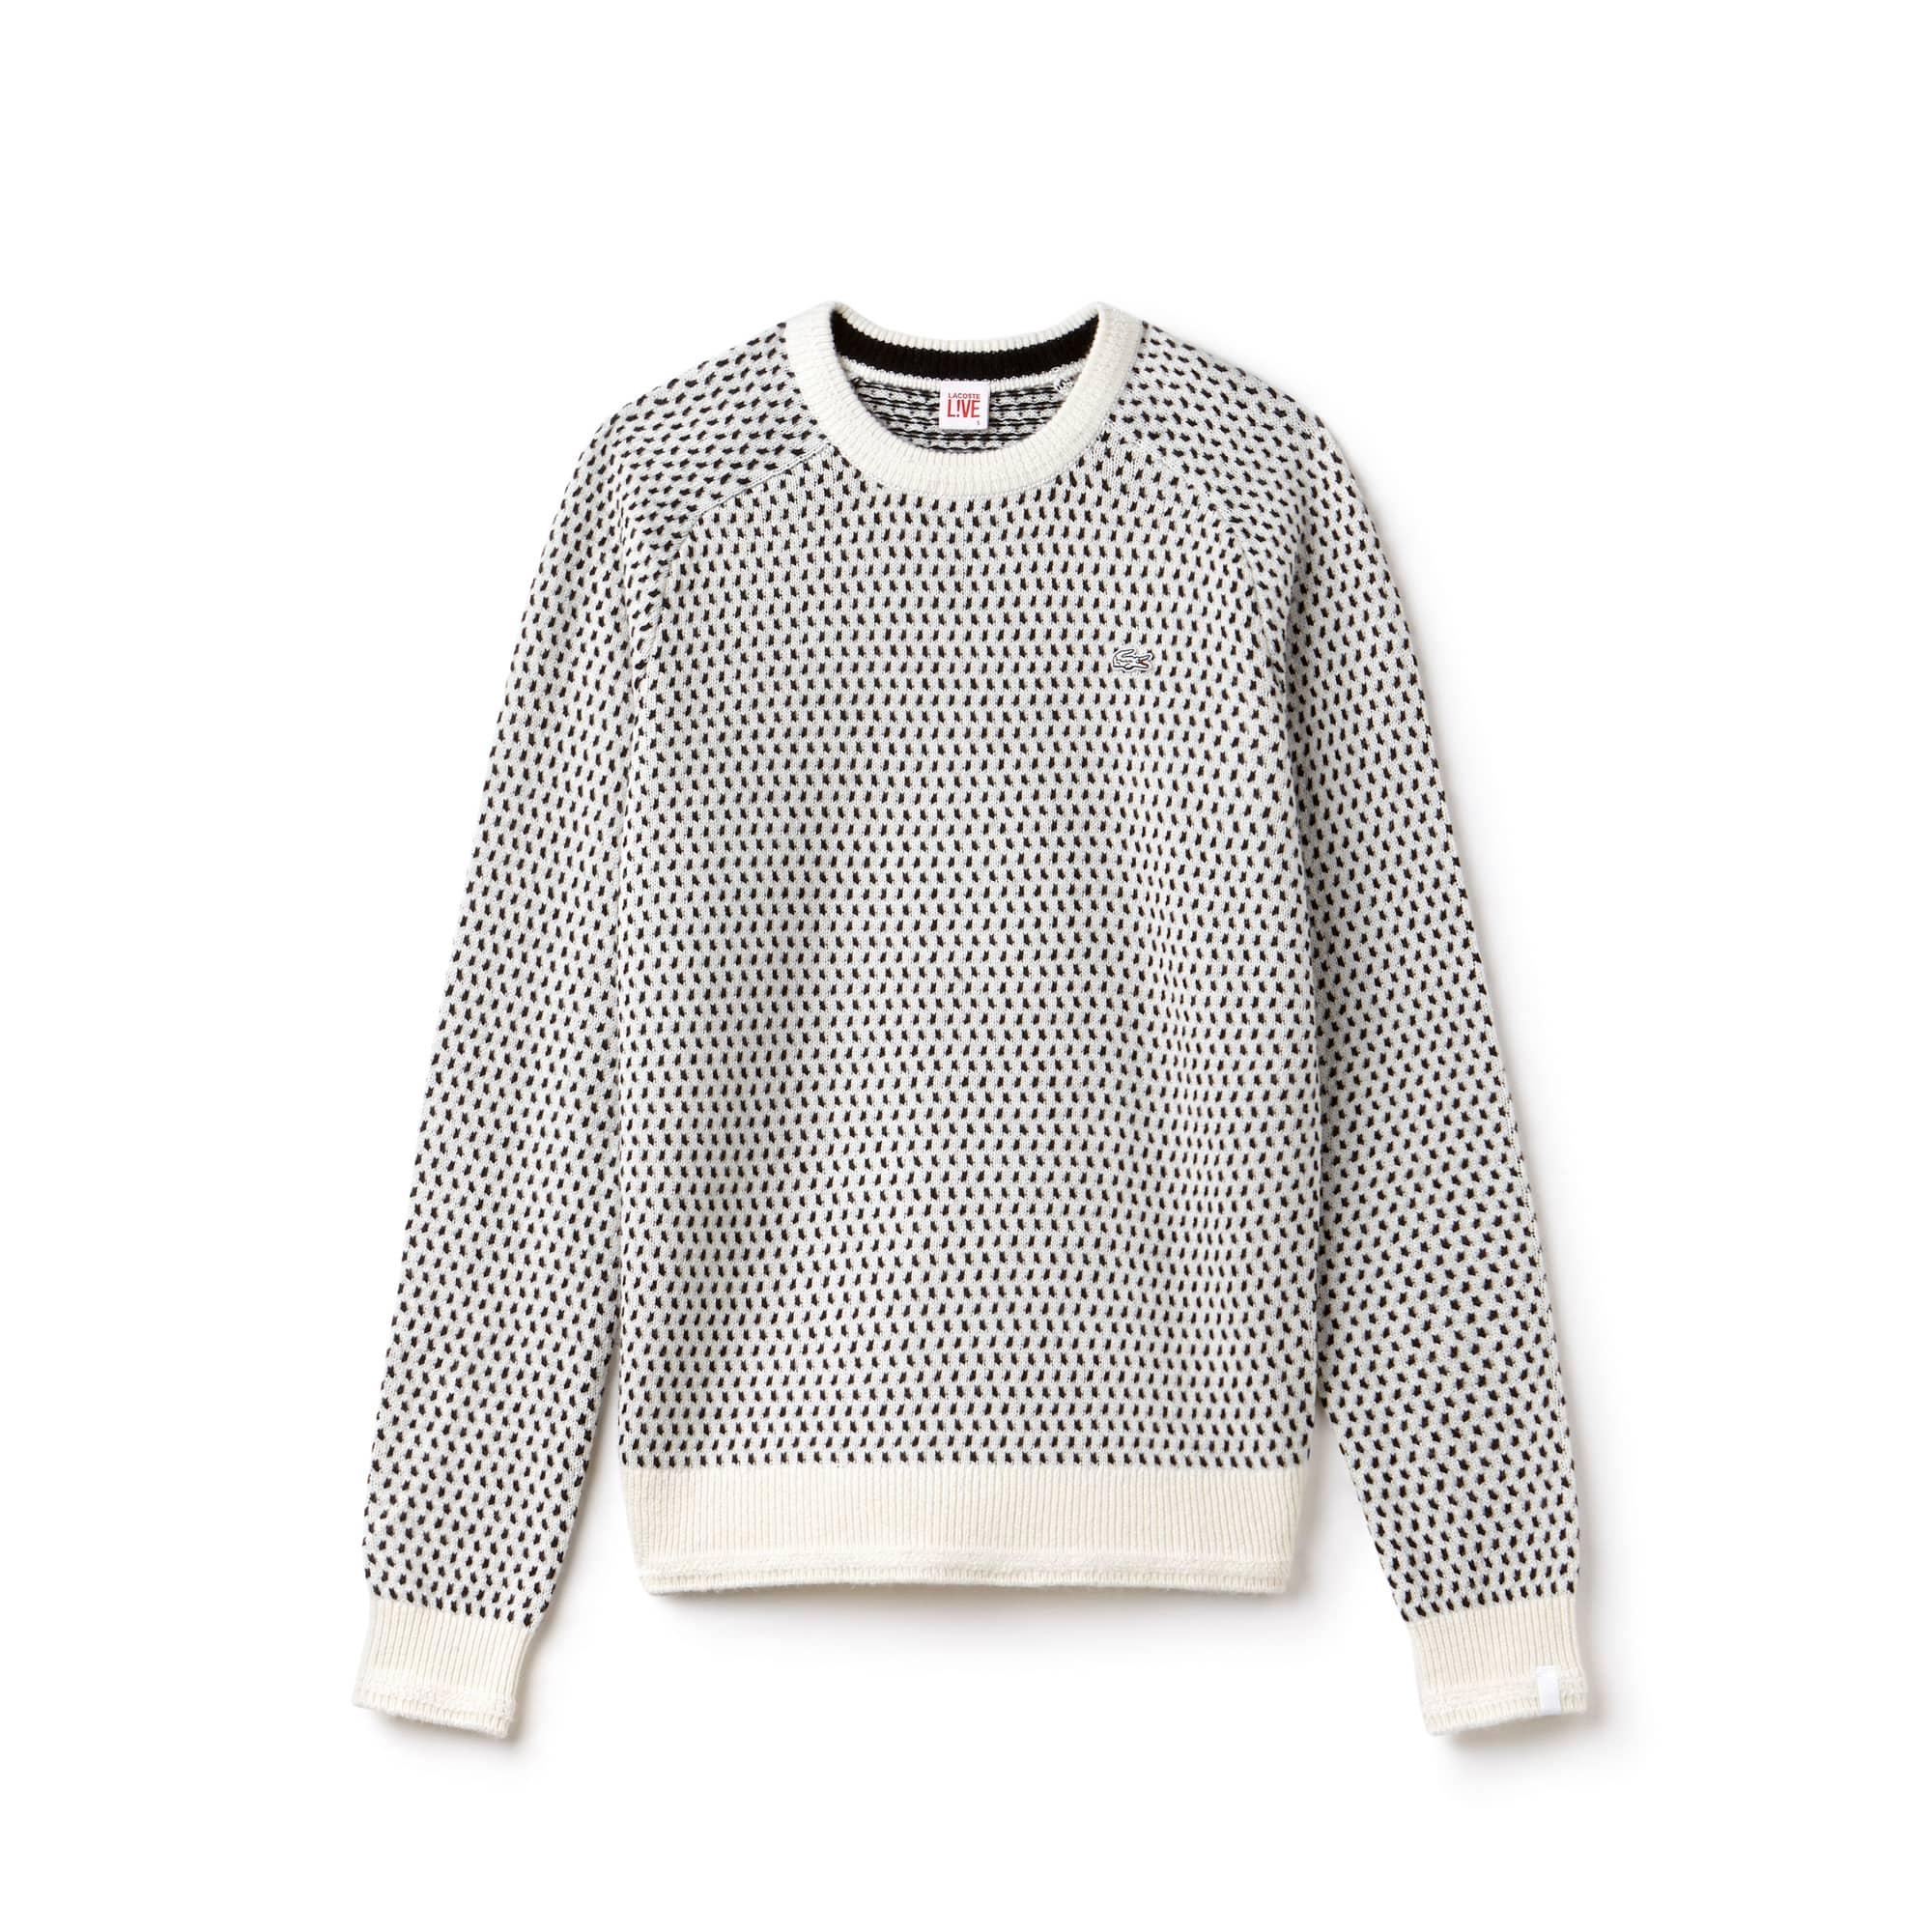 Pullover a girocollo Lacoste LIVE in mini jacquard di misto lana